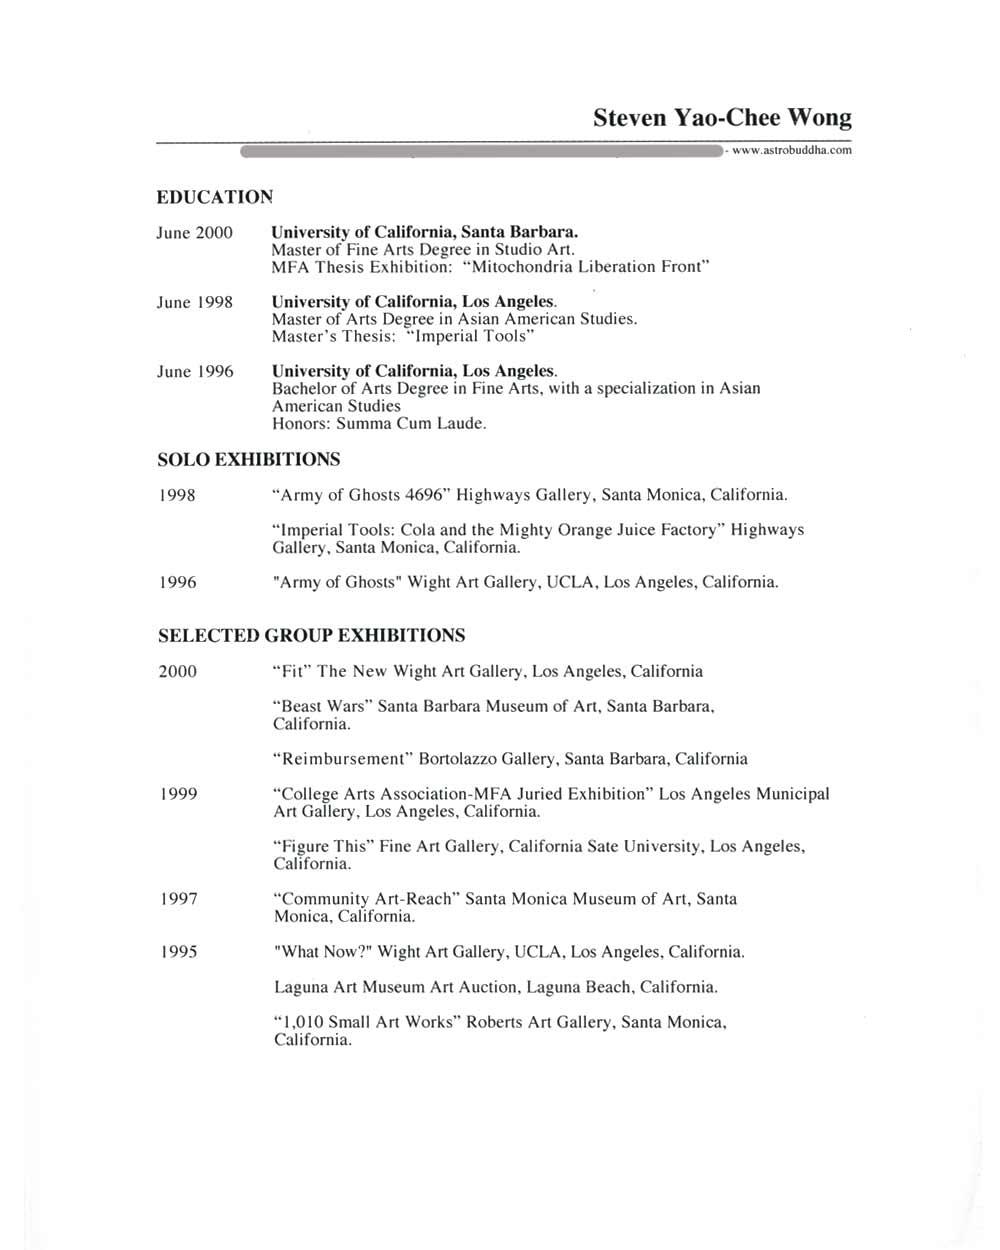 Steven Wong's Resume, pg 1